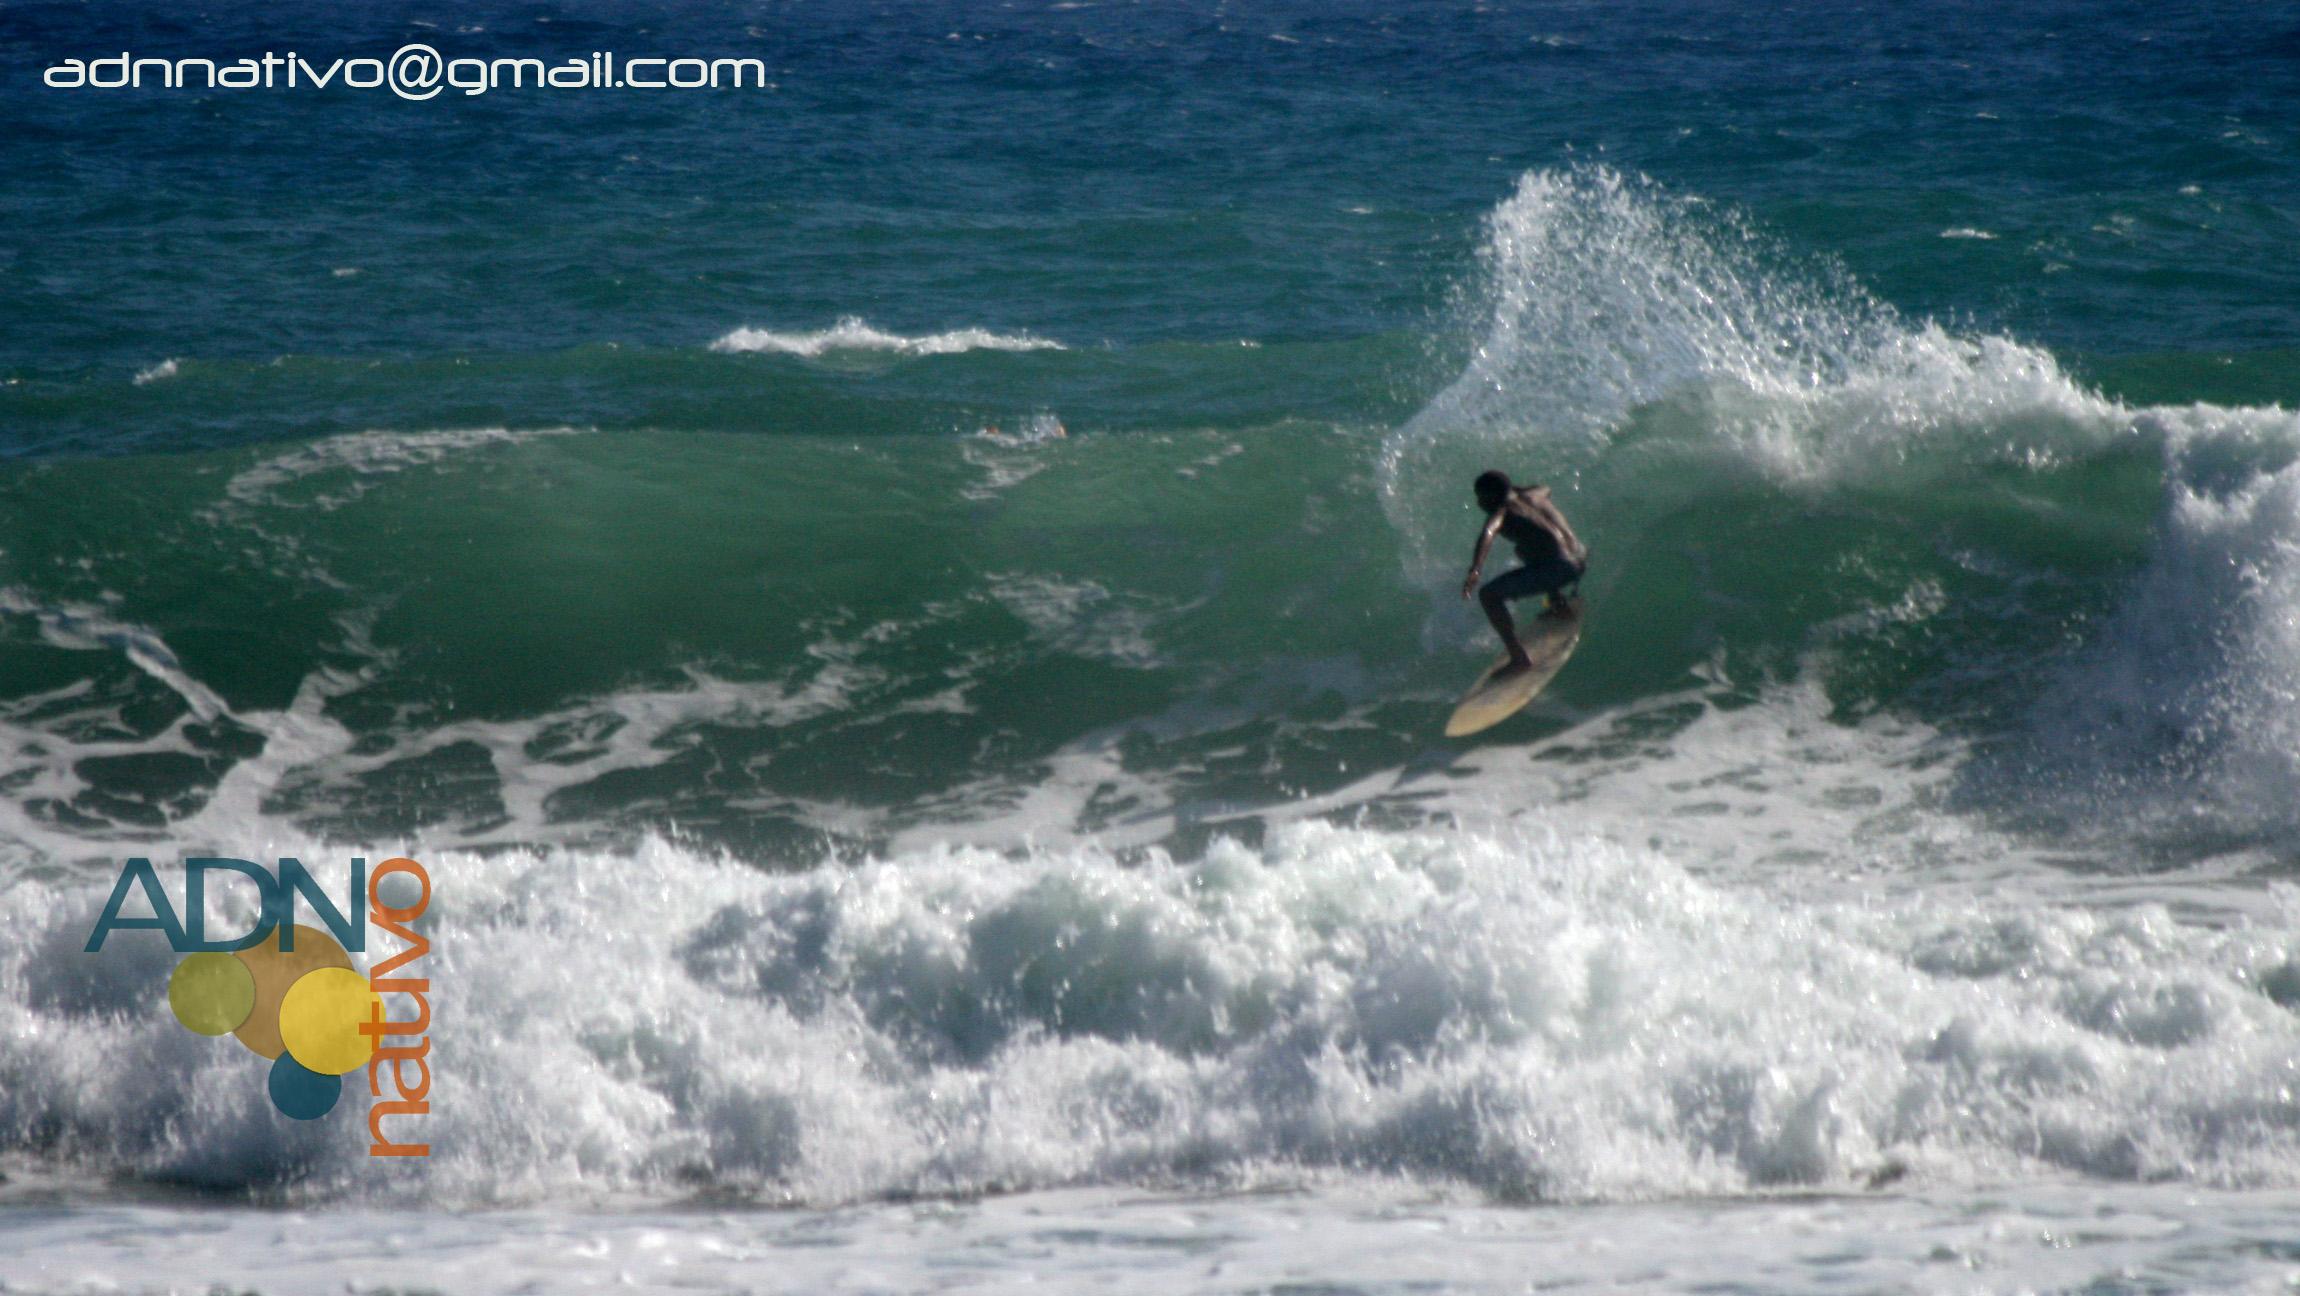 todo parece caer en su lugar cuando las olas prometen